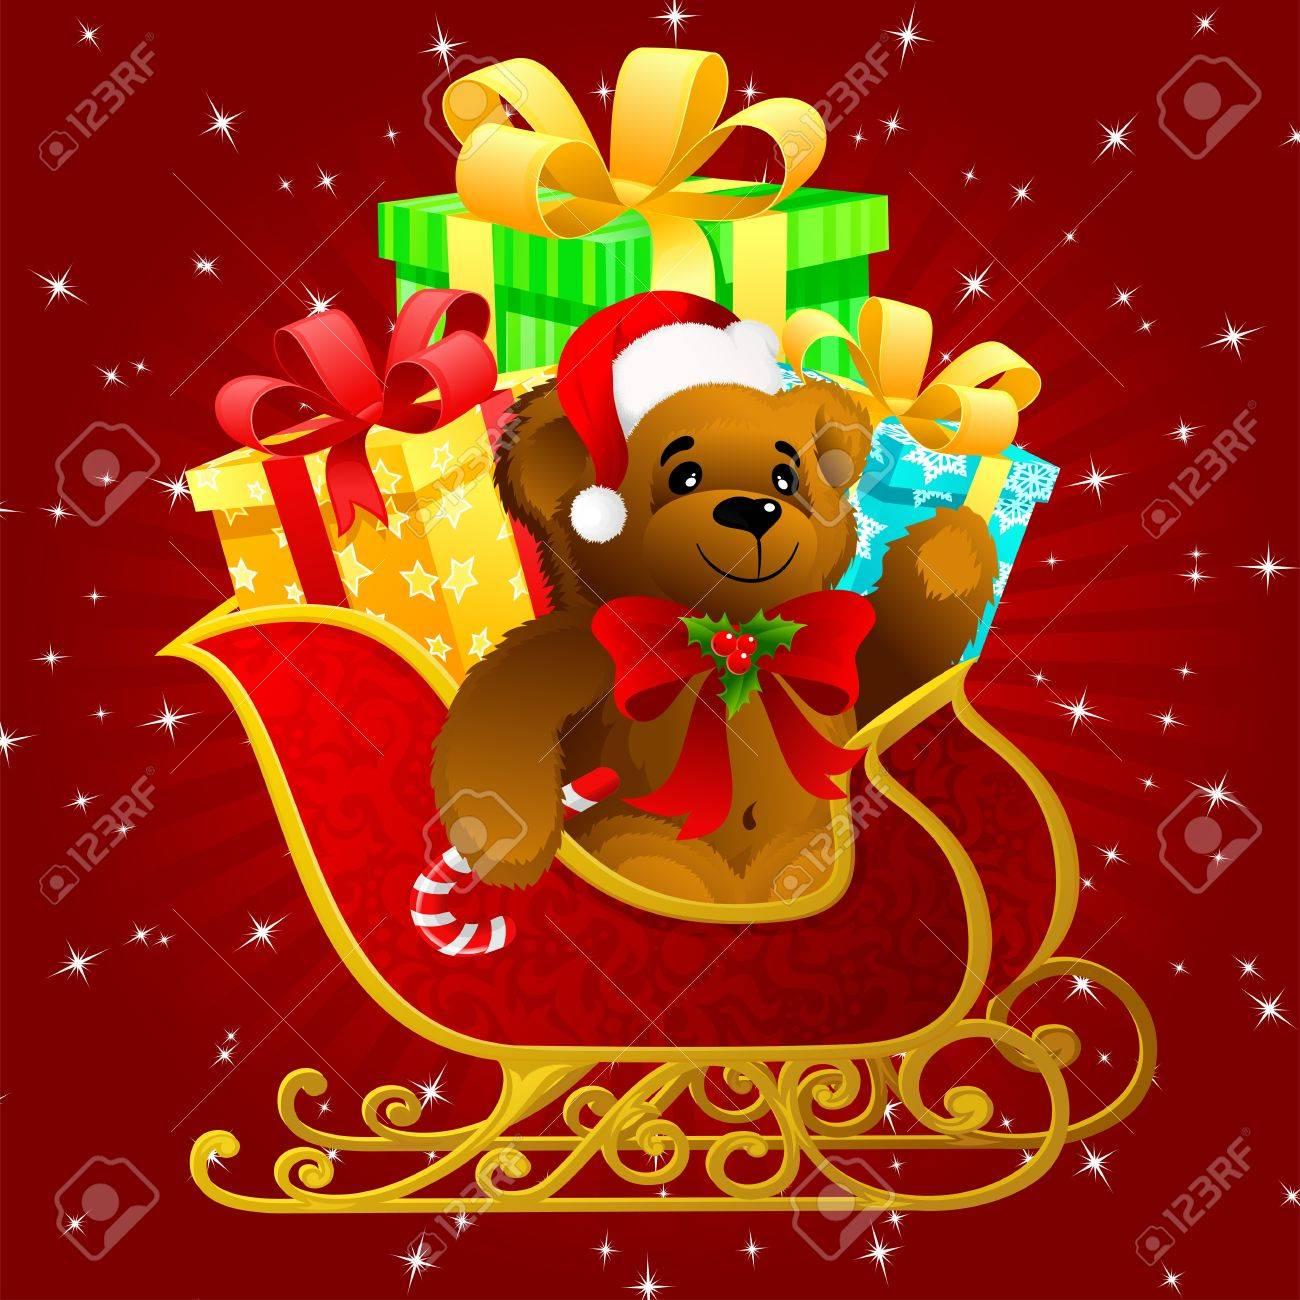 Santa Claus sleigh Stock Vector - 3709121